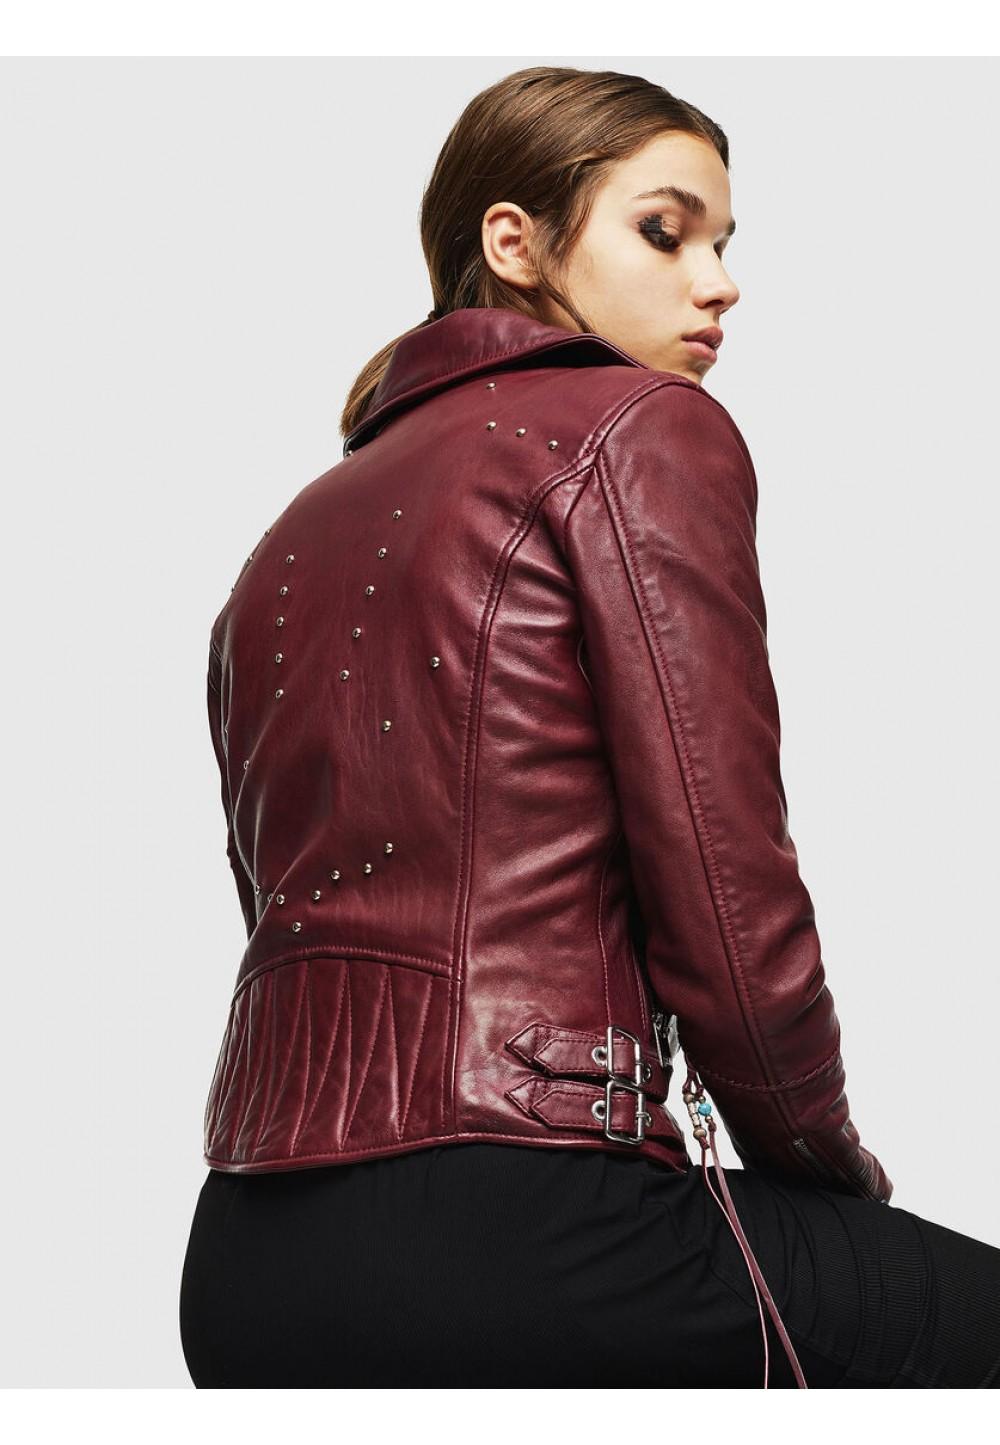 Байкерская куртка из кожи с шипами